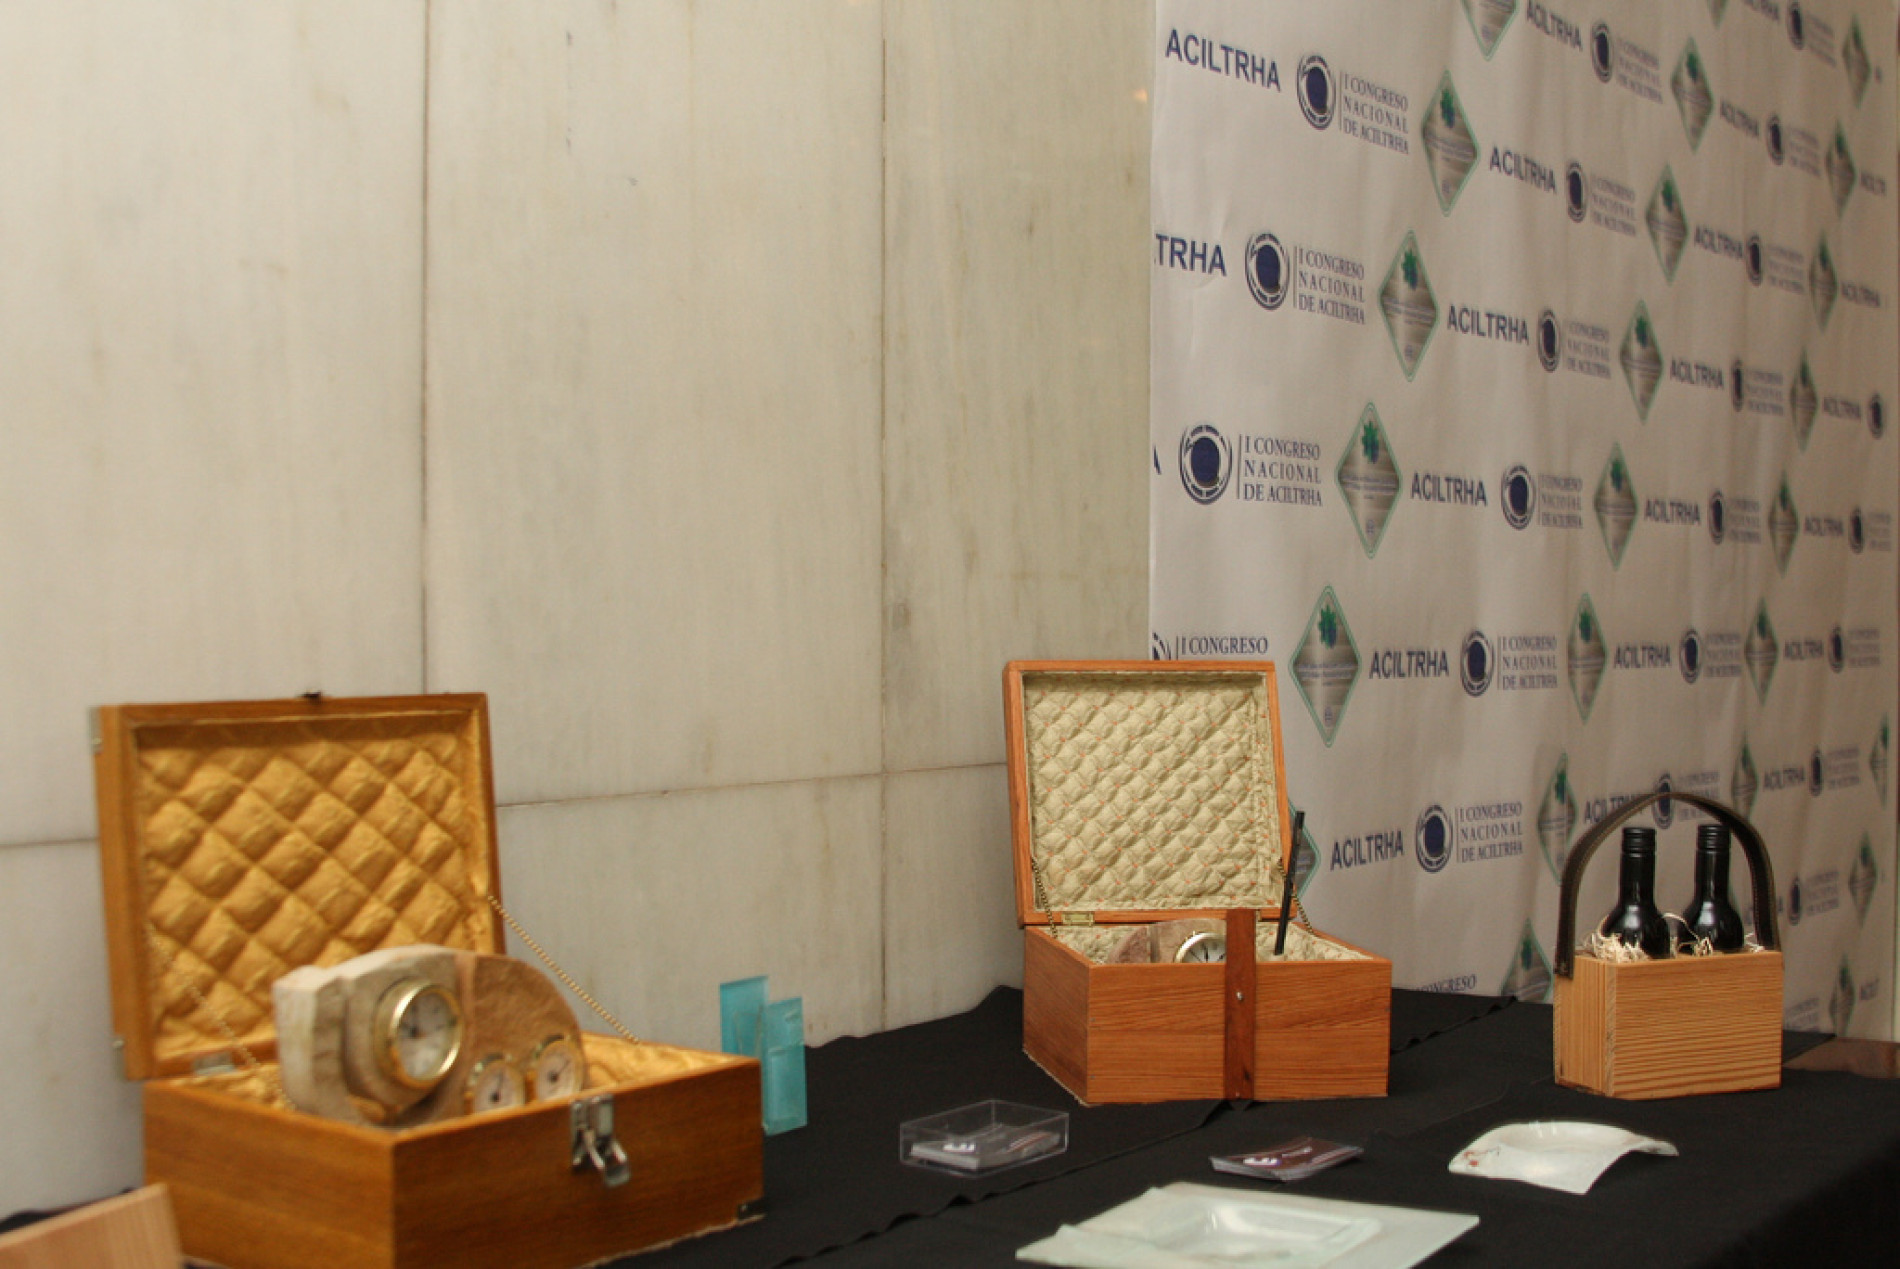 1er CONGRESO NACIONAL DE ACILTRHA «Próximos escenarios de las Relaciones Laborales» Un panorama del diálogo social desde la Empresa, el Sindicato y el Estado para los próximos 4 años   2011